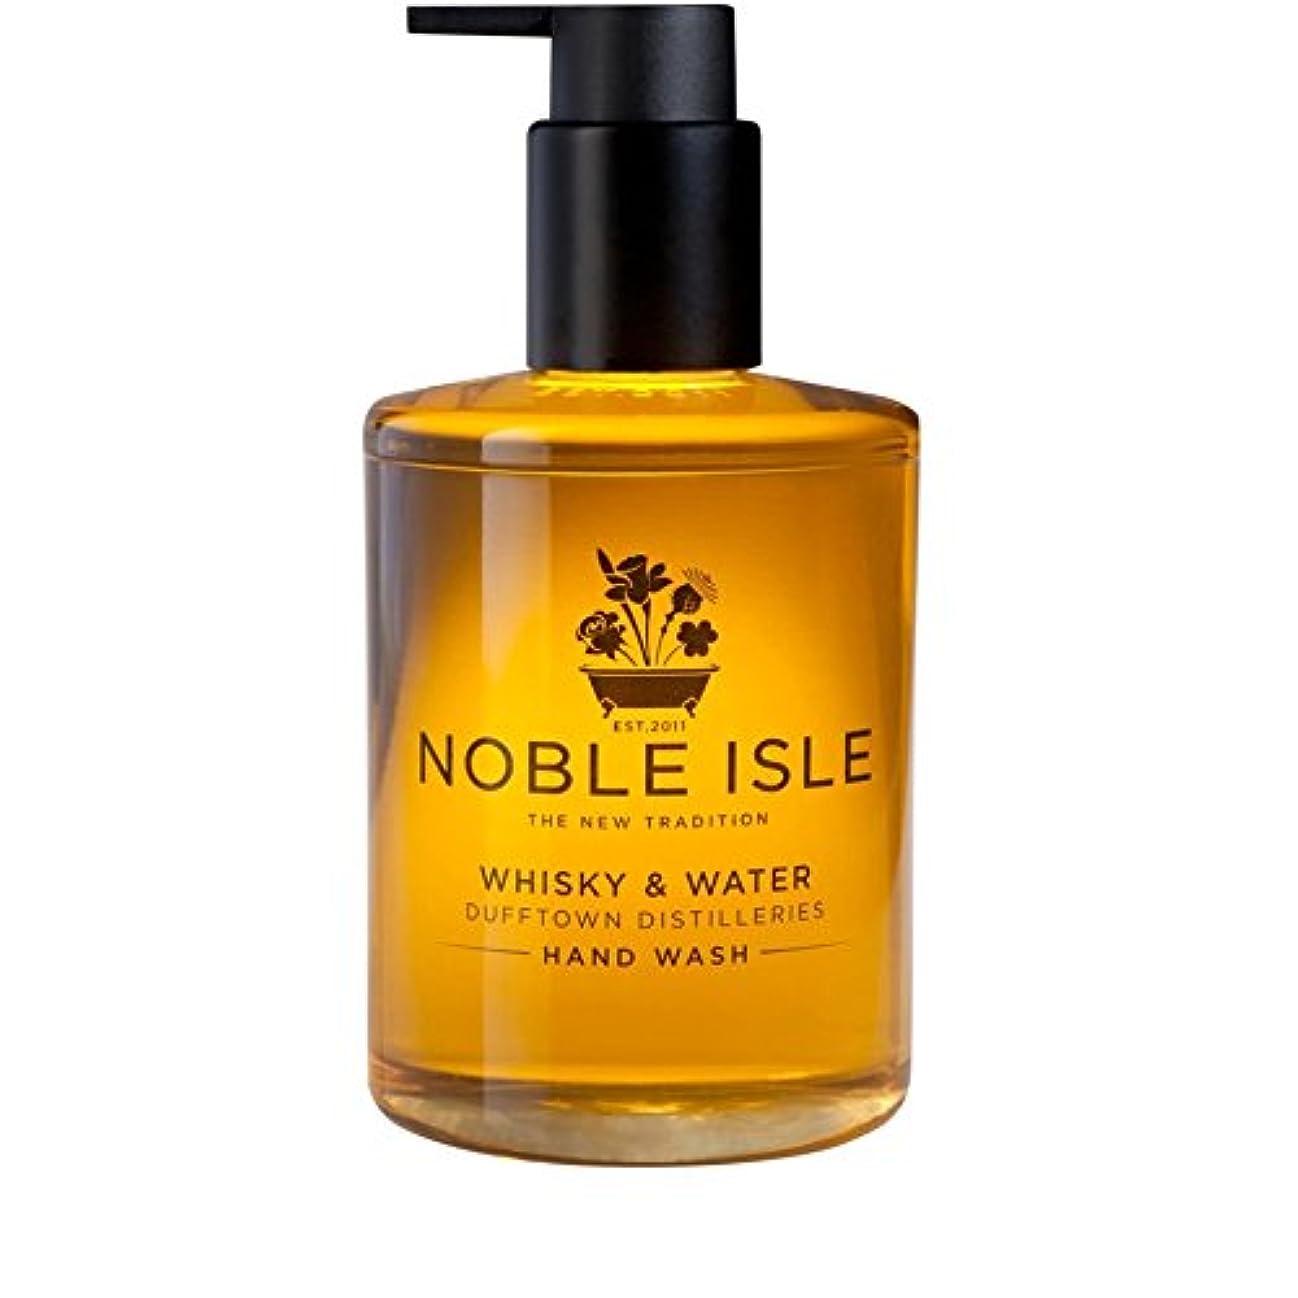 踏みつけパニックスラム街Noble Isle Whisky and Water Dufftown Distilleries Hand Wash 250ml - 高貴な島の水割りの蒸留所のハンドウォッシュ250ミリリットル [並行輸入品]